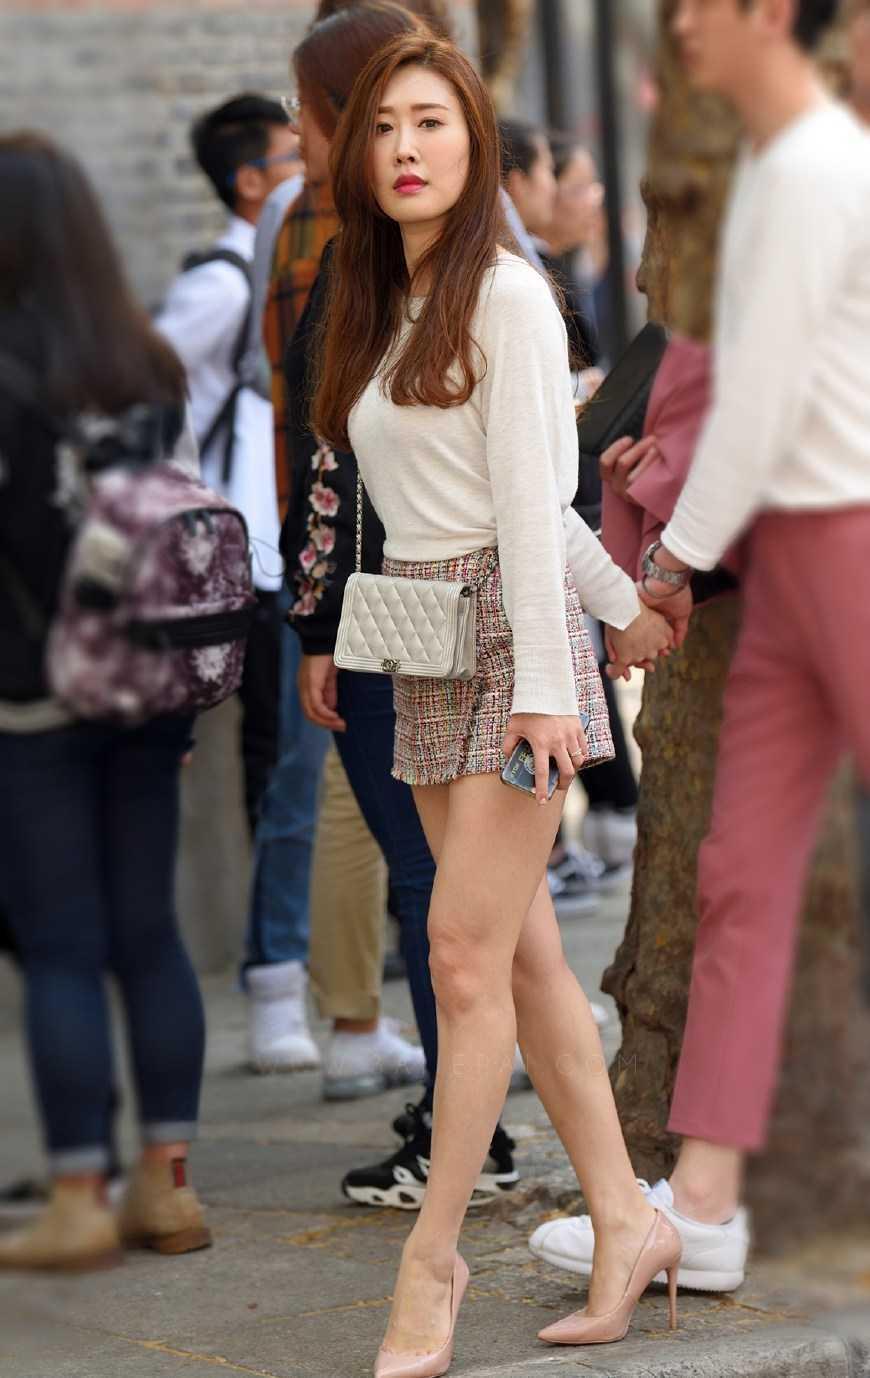 街拍:曼妙輕盈的身材搭配優雅的服飾,小姐姐們真是靚麗的風景線